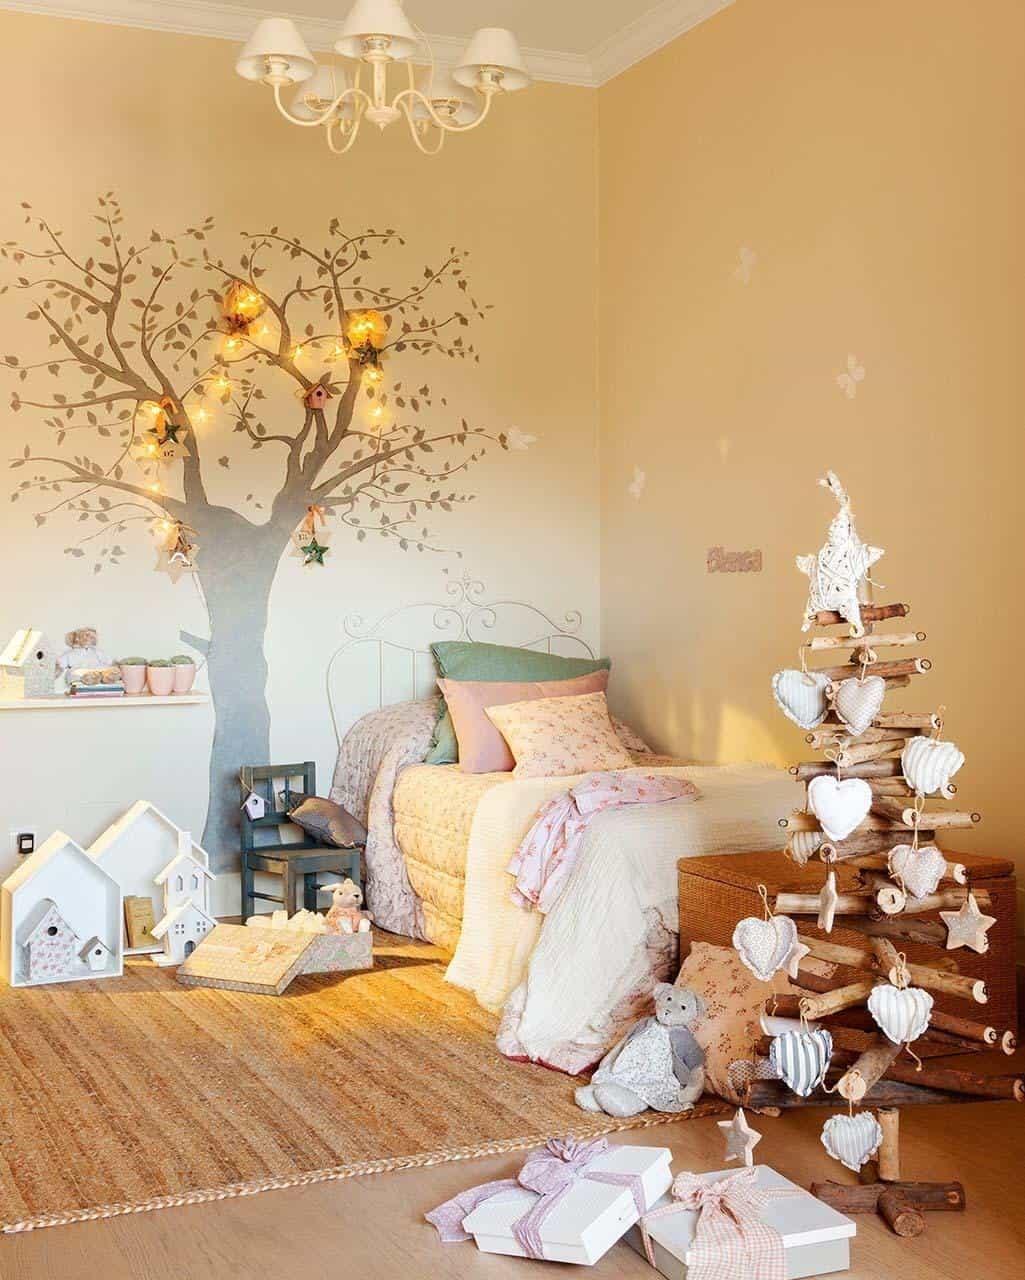 Maison décorée de Noël-12-01 Kindesign